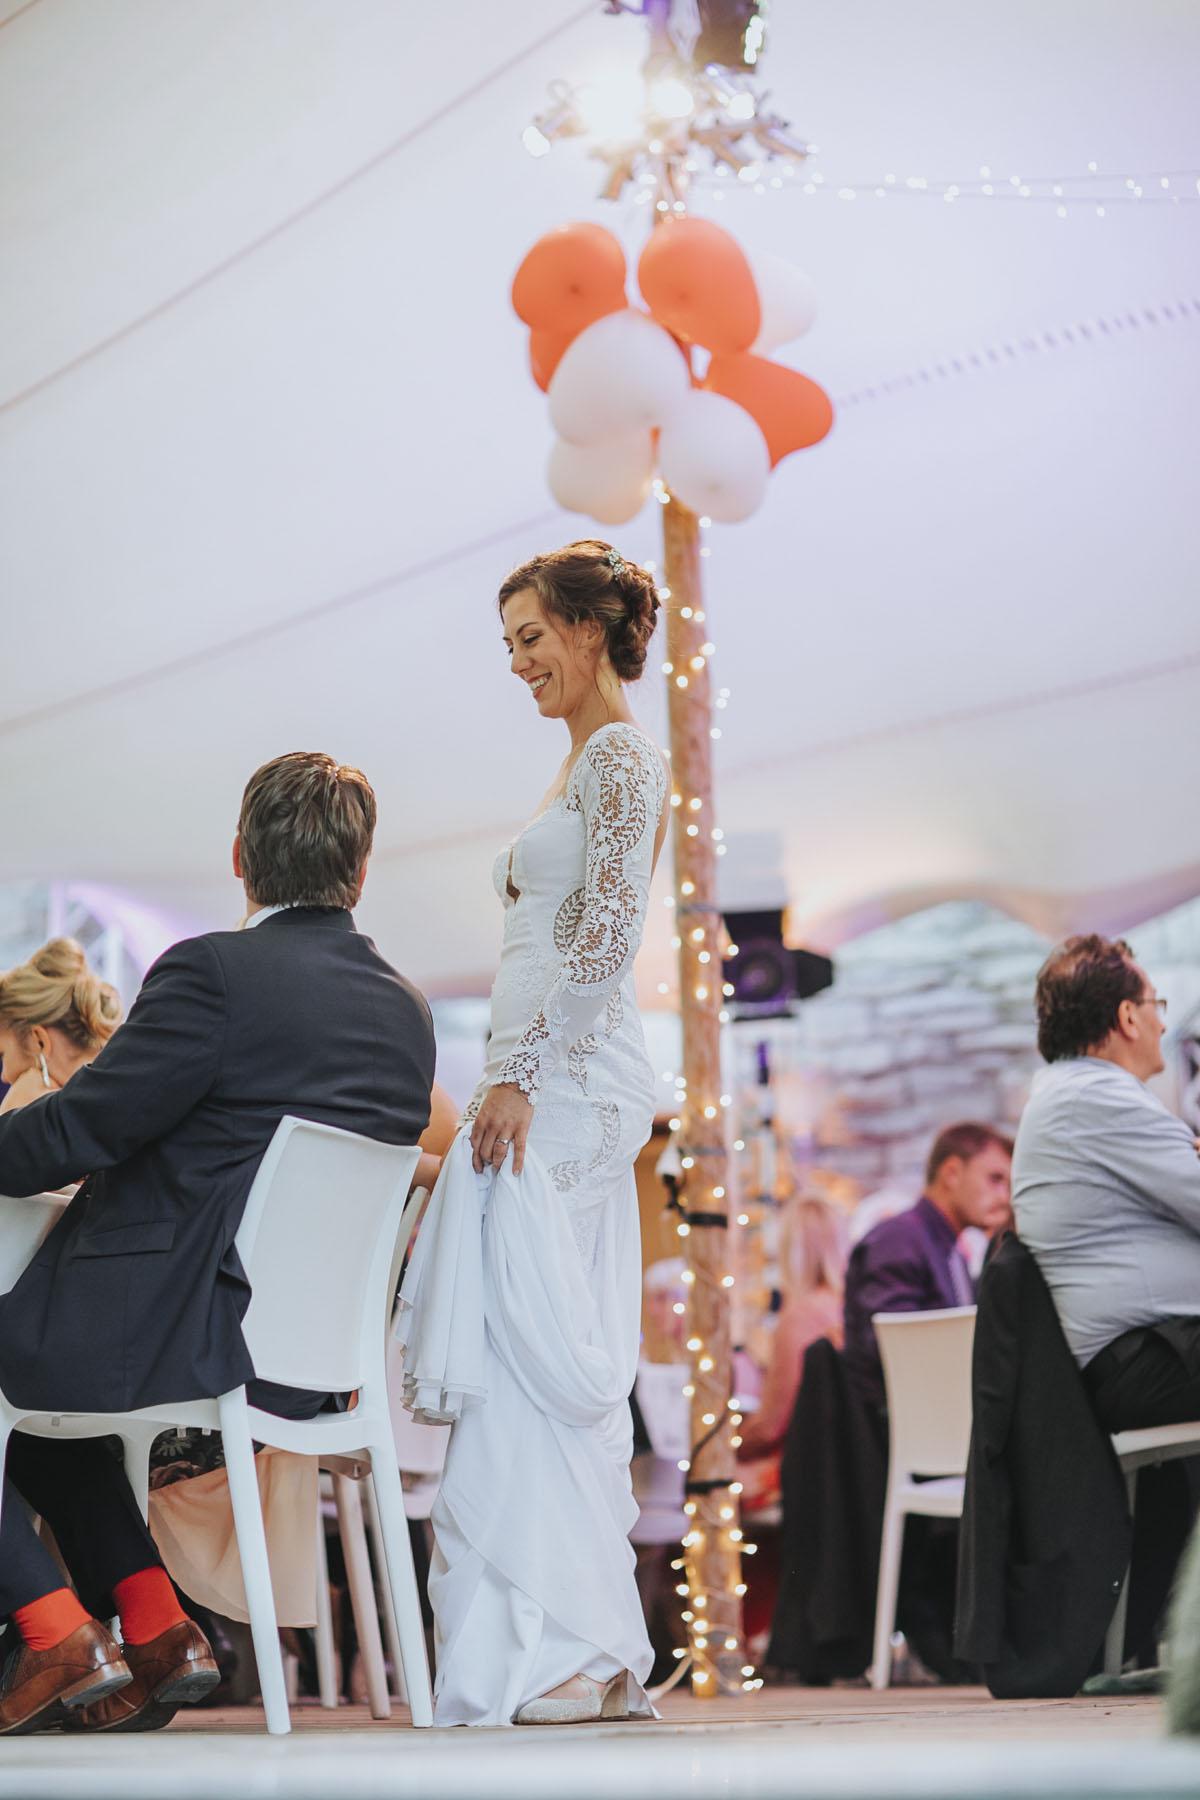 Alica+ Carsten | Freie Trauung im eigenen Garten - Fotografin Guelten Hamidanoglu Koeln Hochzeiten Hochzeitsfotos  487